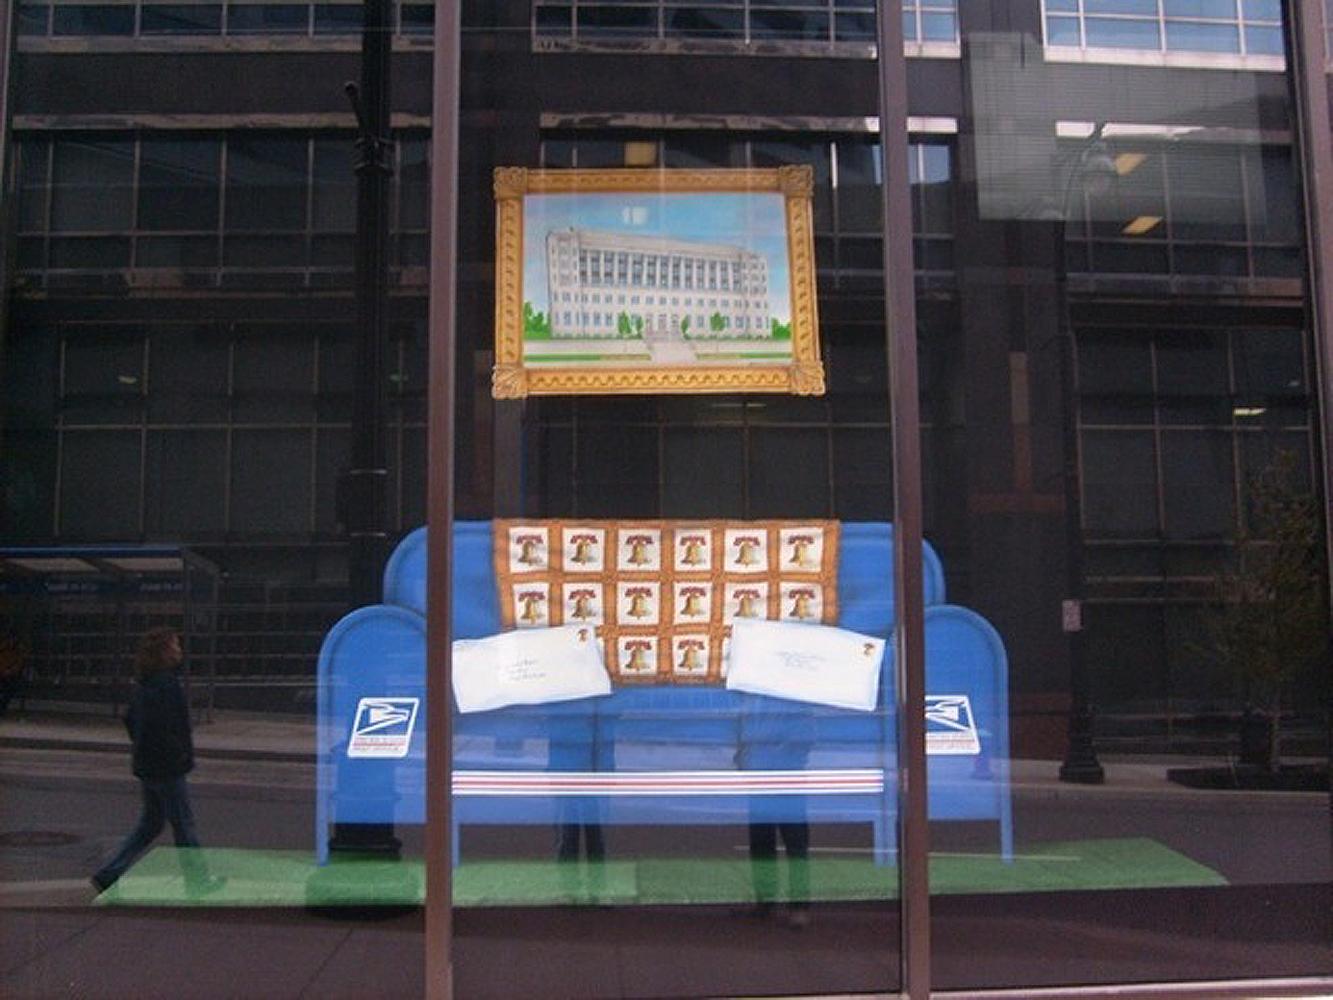 Post Office Sofa